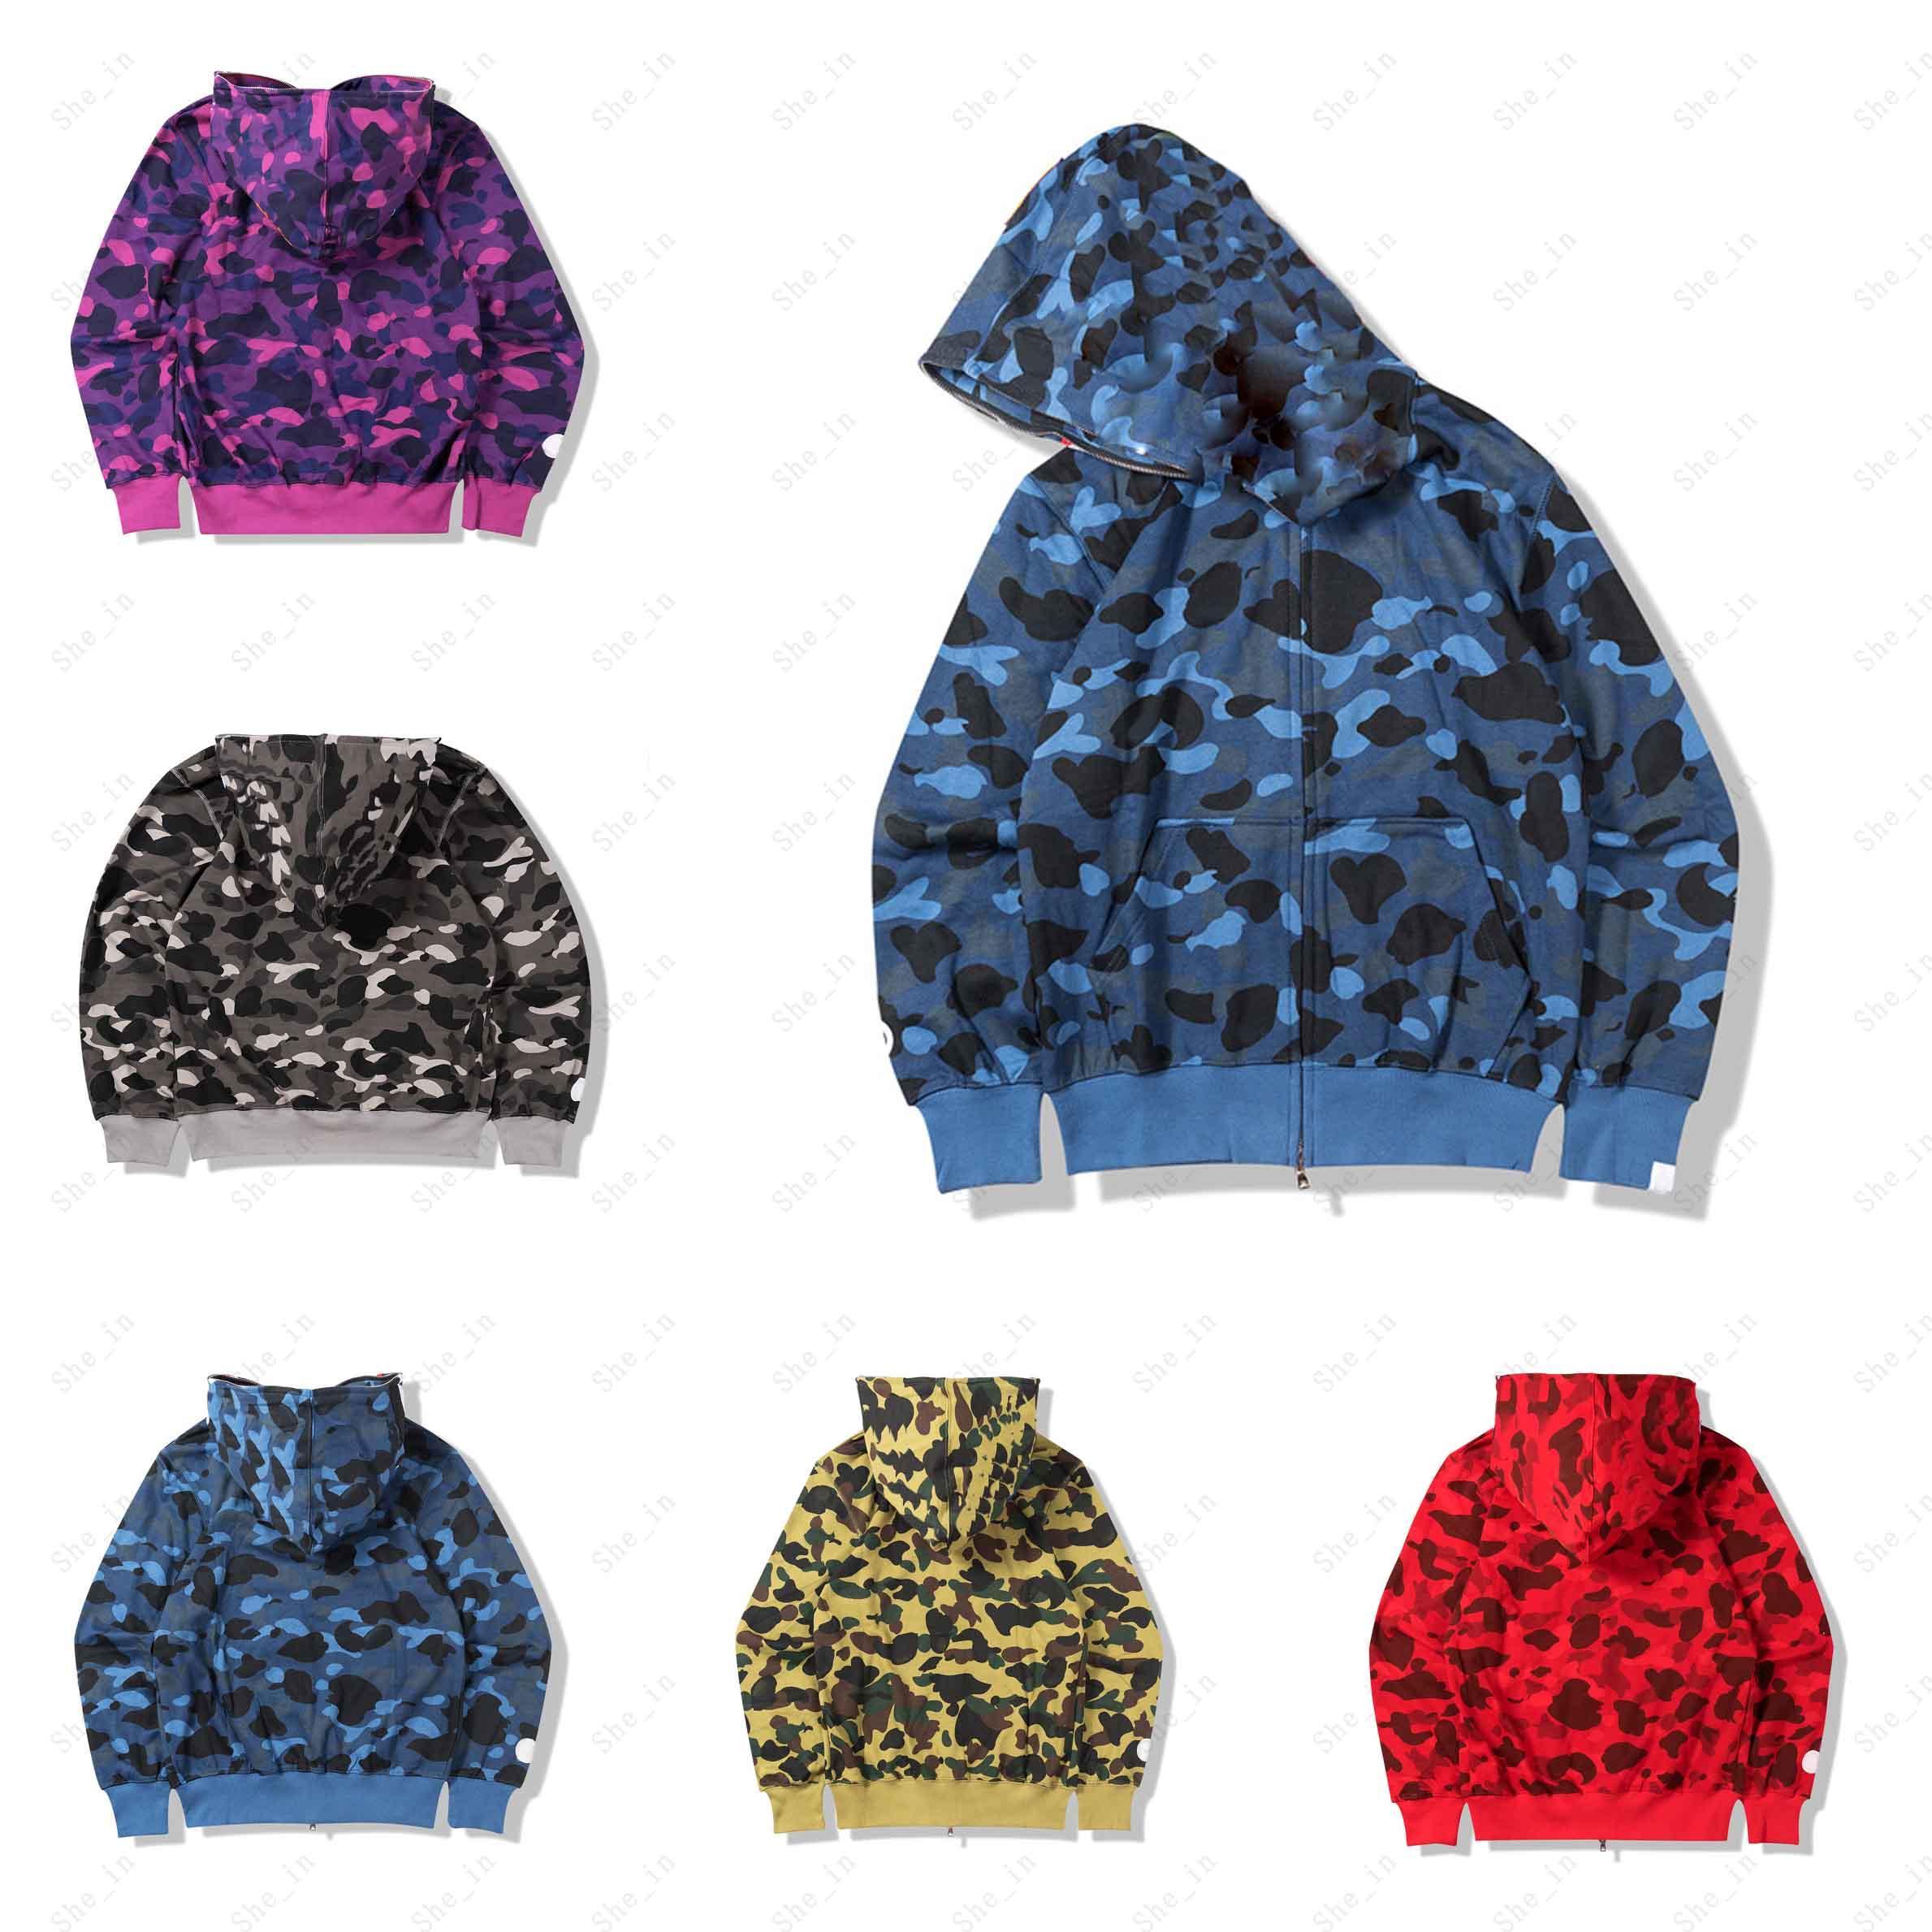 Vestes de mode pour hommes Adolescent Camouflage Modèle de camouflage Streetwear Hommes Vêtements d'extérieur Spring Automne Manteaux Boys Sweat Veste